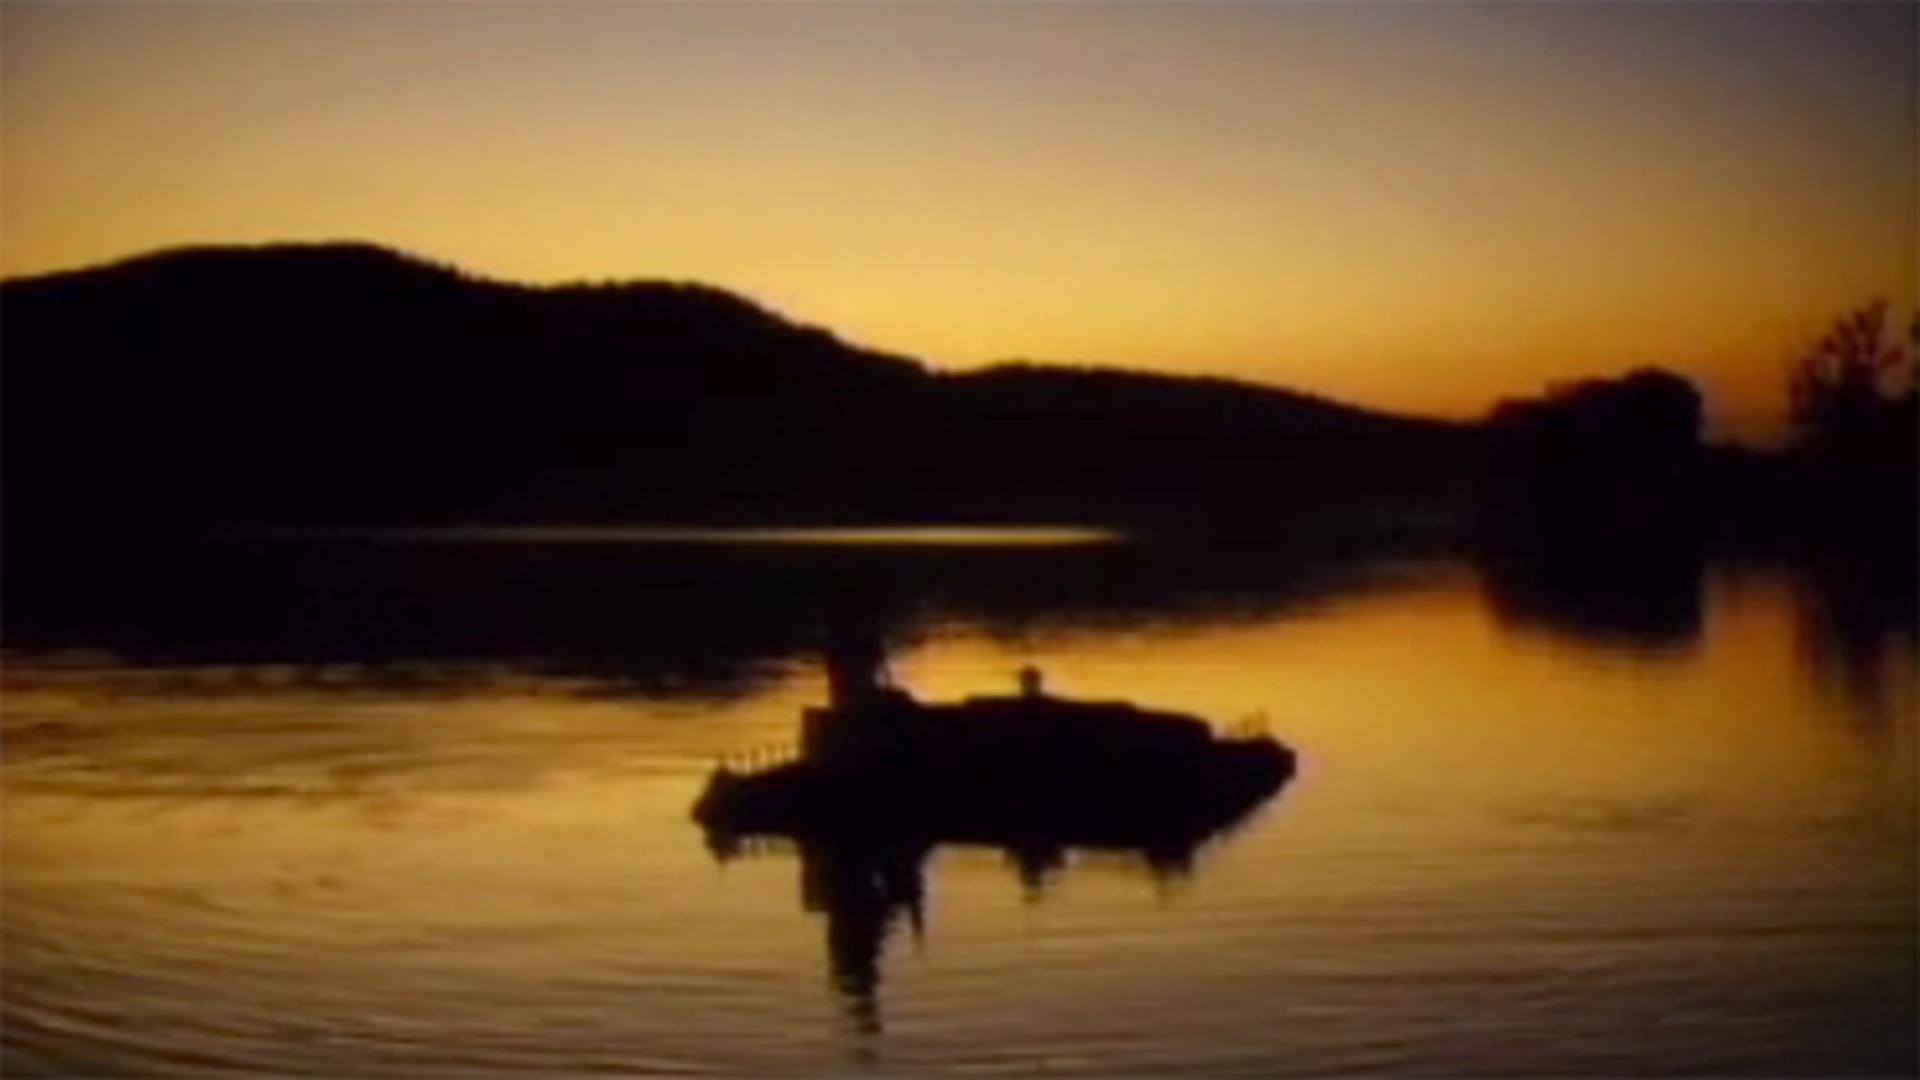 romanticism in huck finn